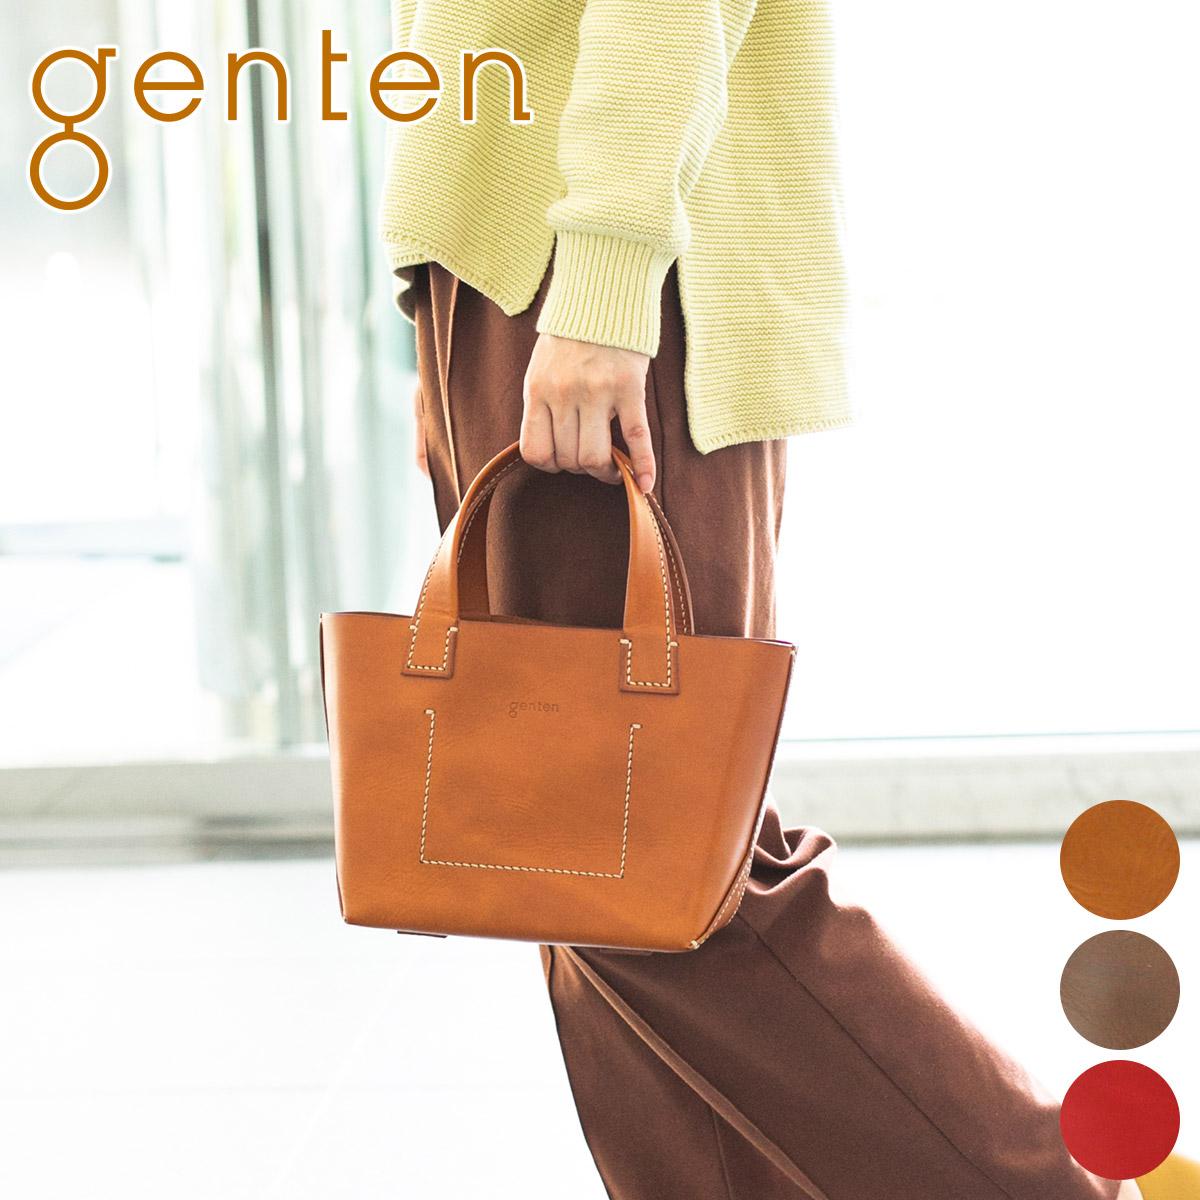 【かわいいWプレゼント付】 genten ゲンテン AMANO(アマーノ) 手さげバッグ40382(32882)レディース バッグ 手さげバッグ ハンドバッグ ギフト かわいい おしゃれ プレゼント